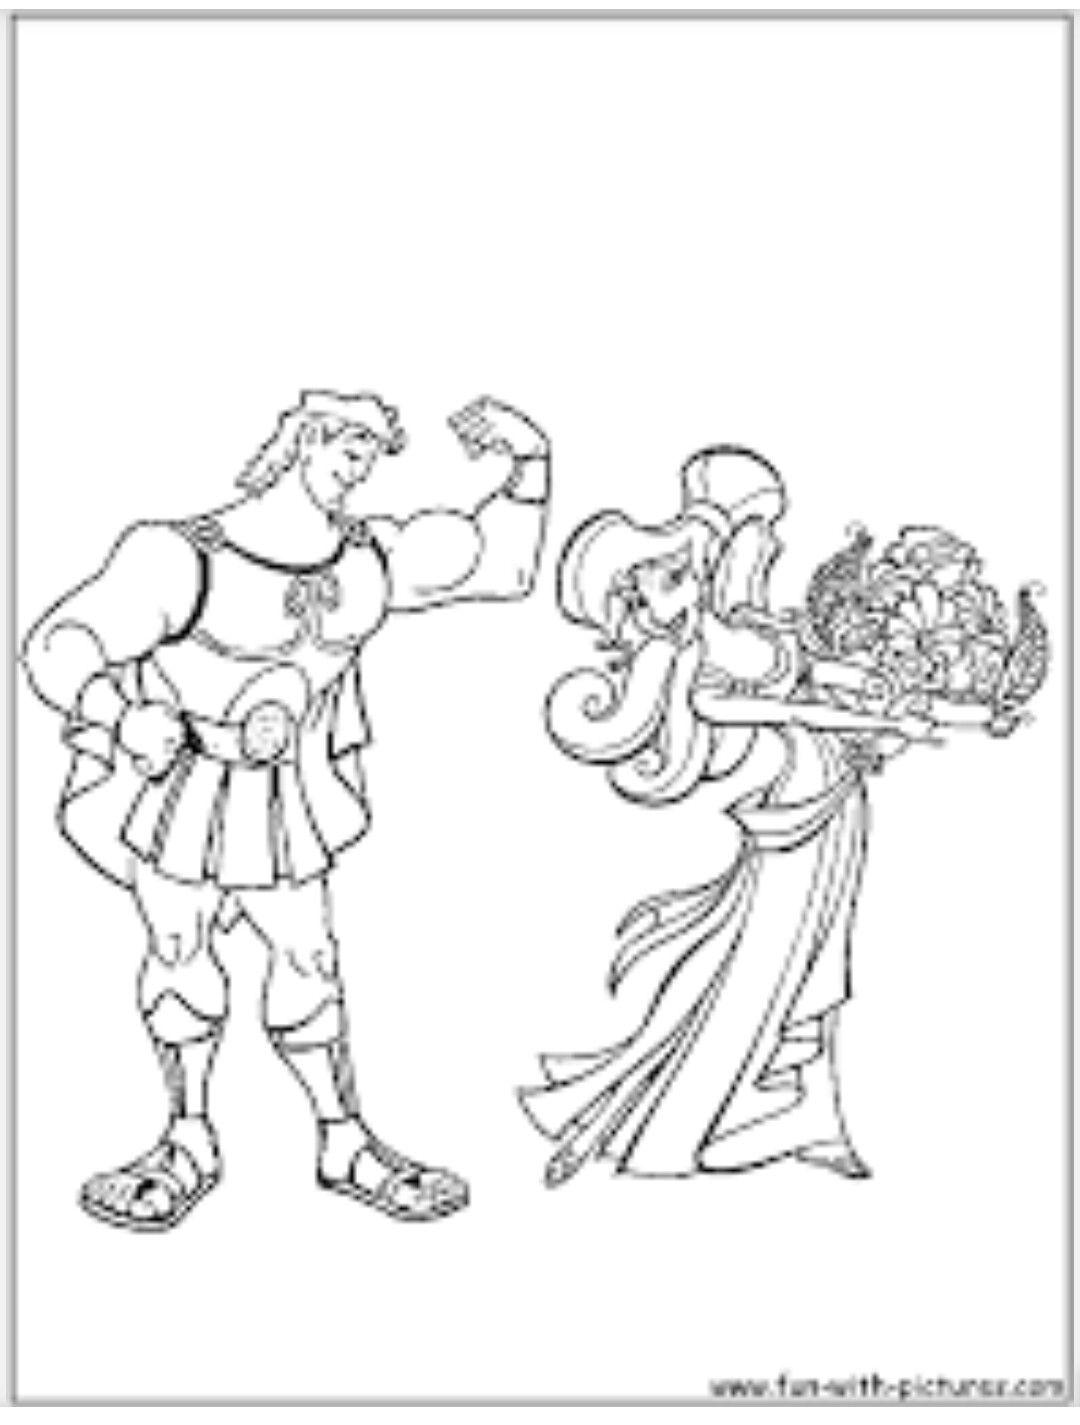 Hercules And Meg Coloring Sheet Disney Coloring Pages Coloring Pages Disney Coloring Sheets